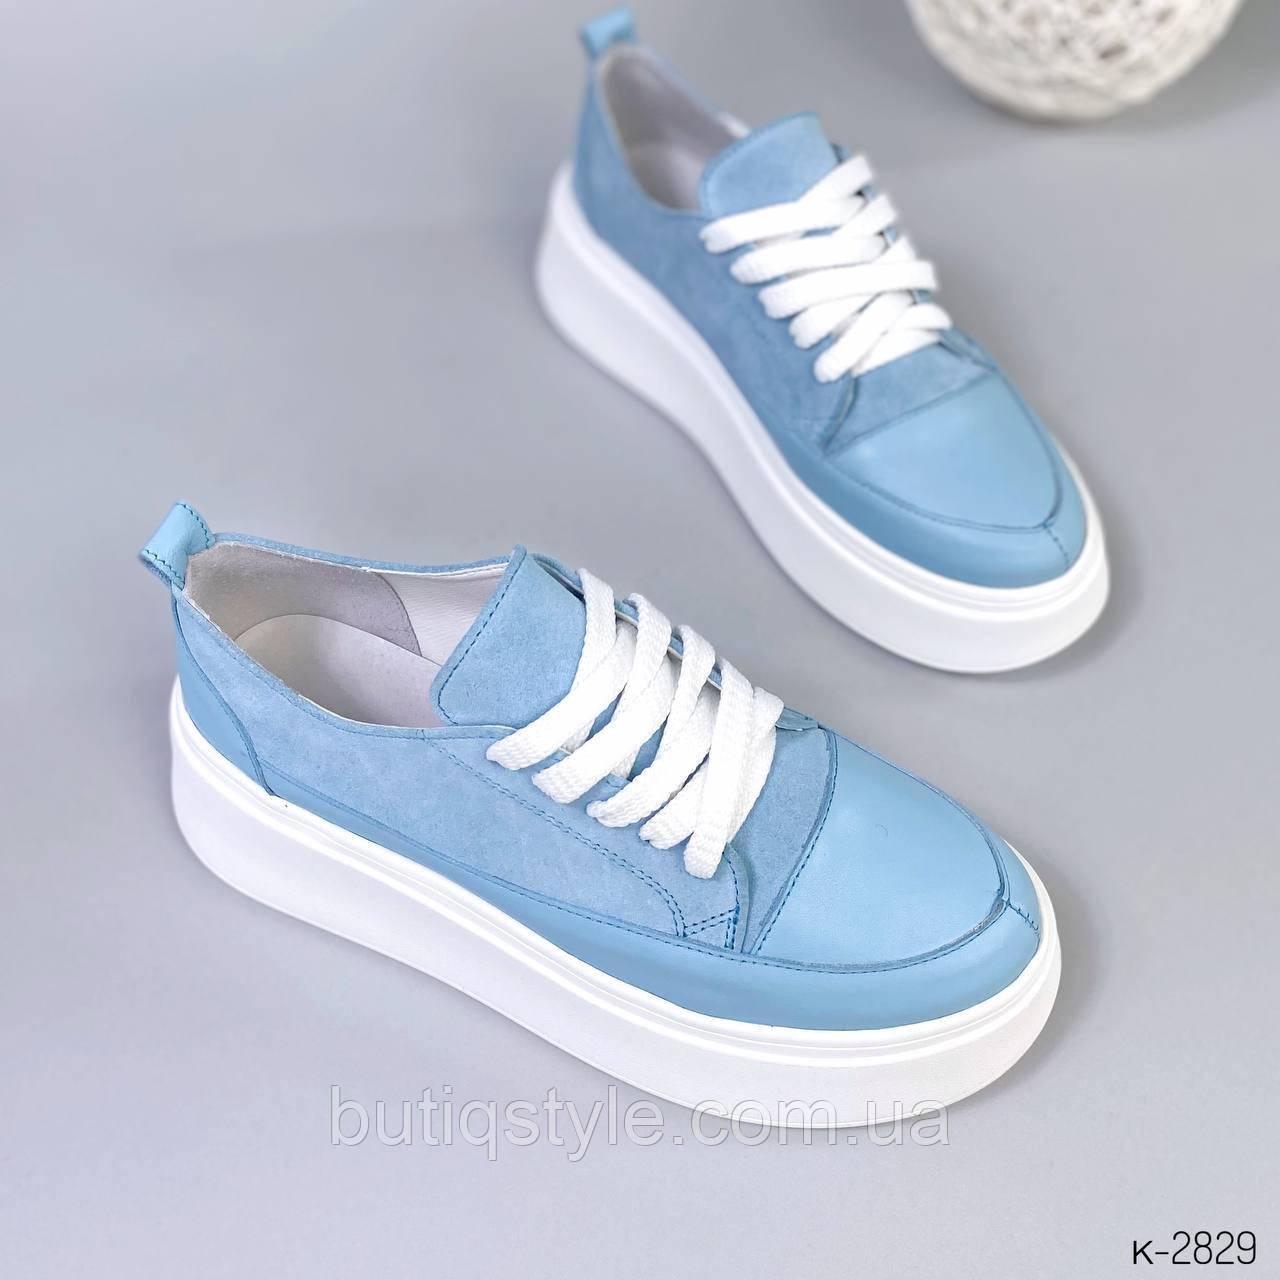 Голубые женские кроссовки натуральная замша на платформе